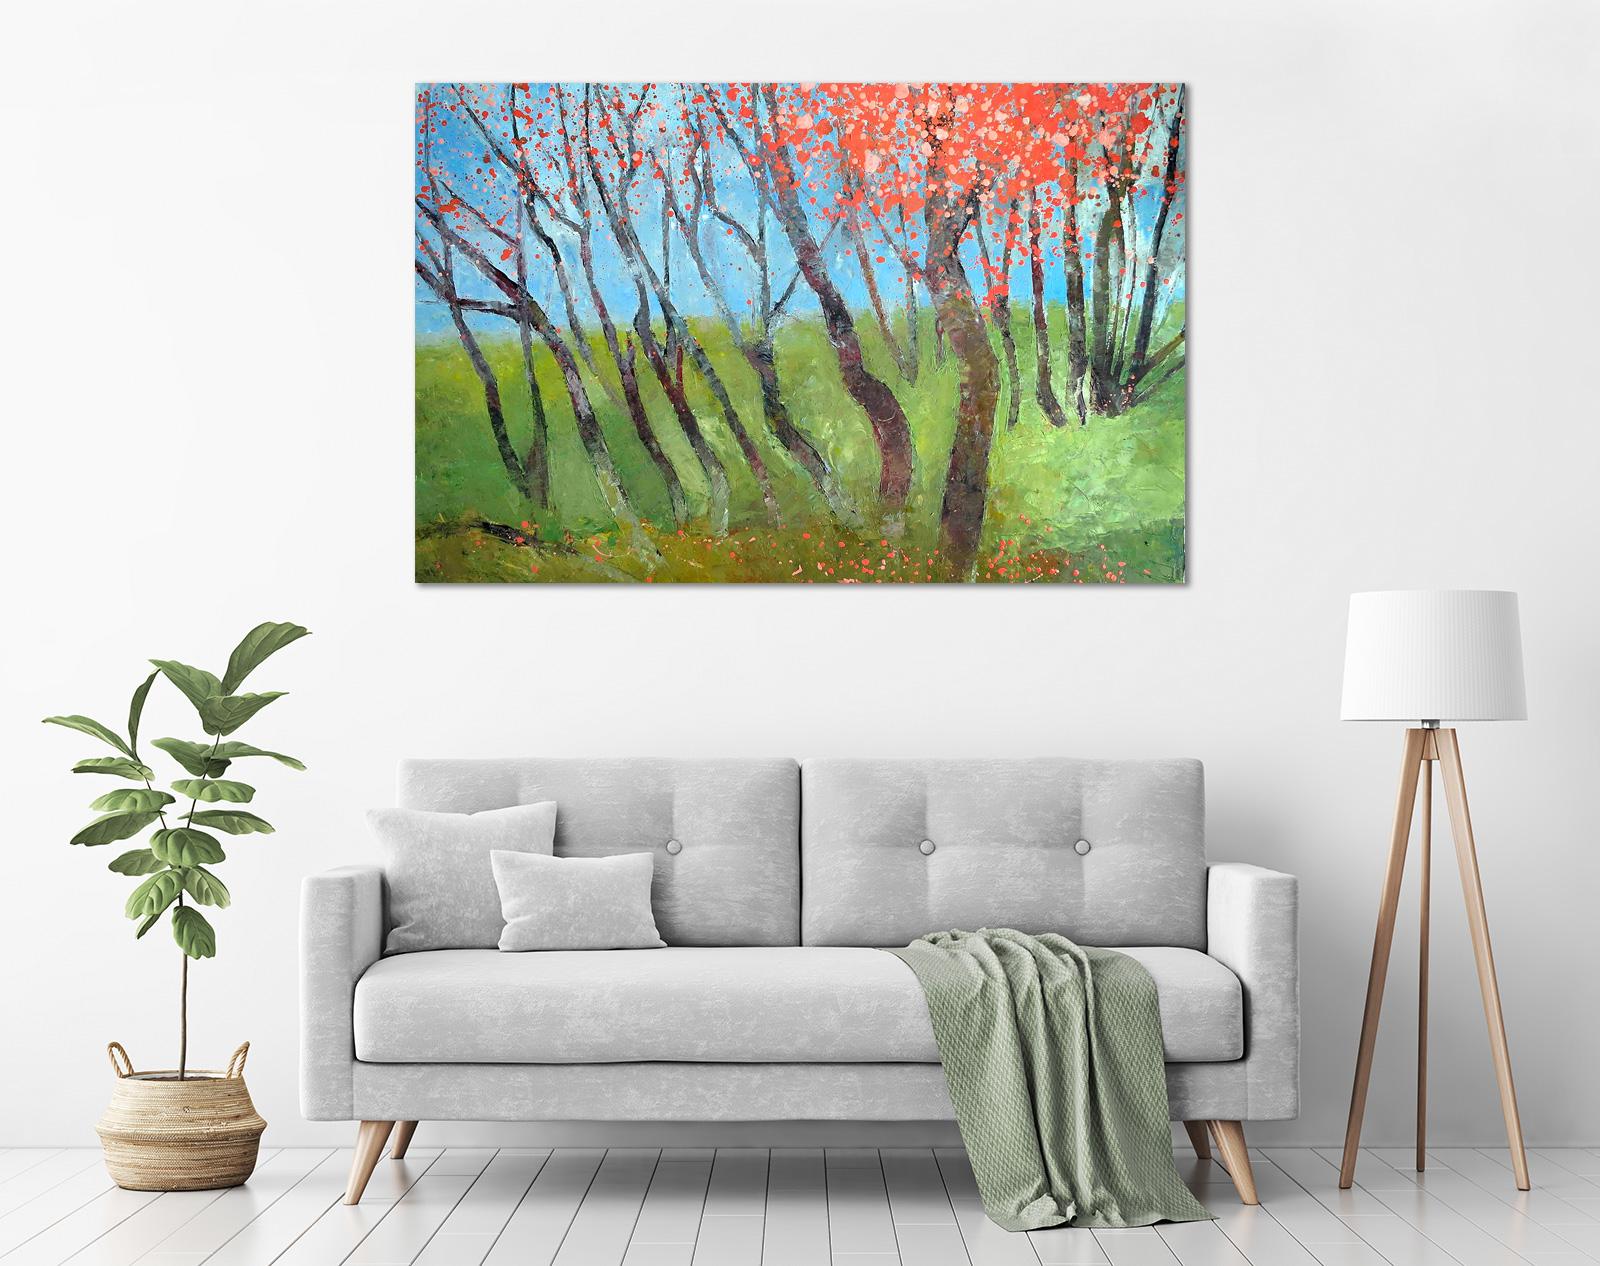 John Graham - 'Cherry Blossom Landscape' in a room